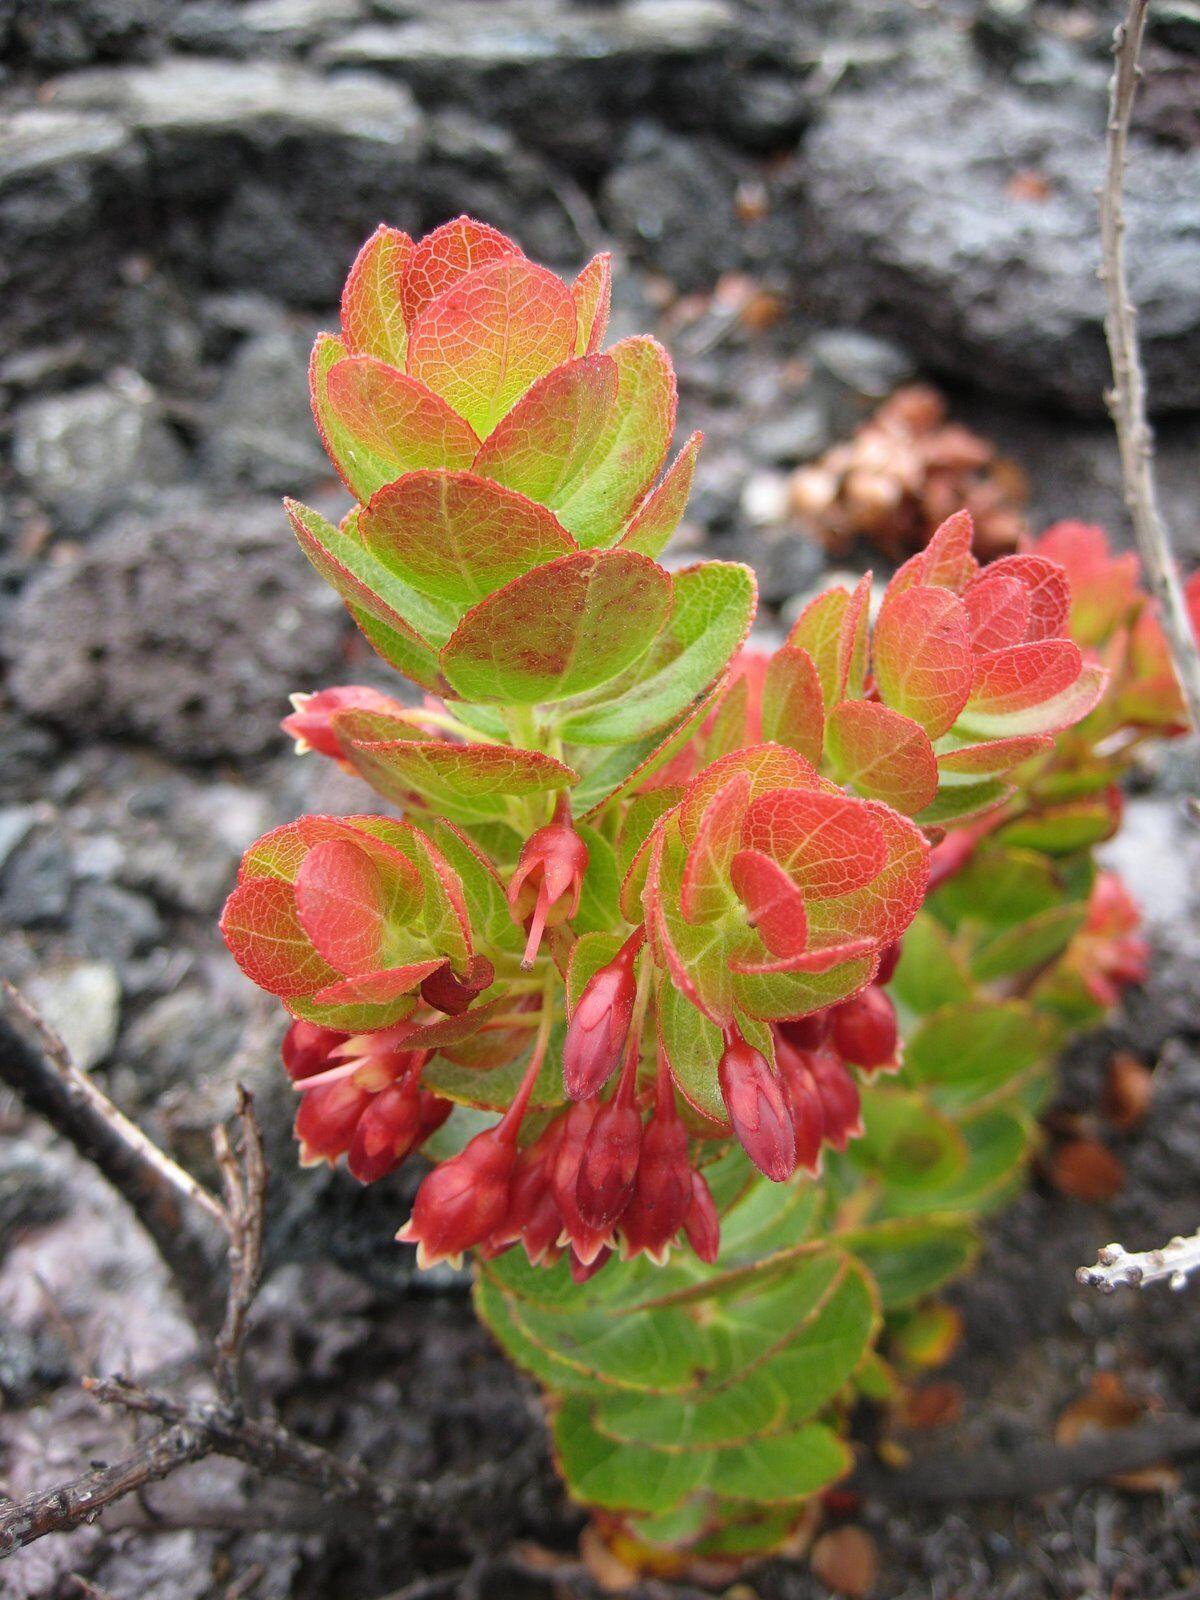 3D Gestein Pflanzen 86 Tapete Wandgemälde Tapete Tapeten Bild Bild Bild Familie DE Summer | Mama kaufte ein bequemes, Baby ist glücklich  0a4084